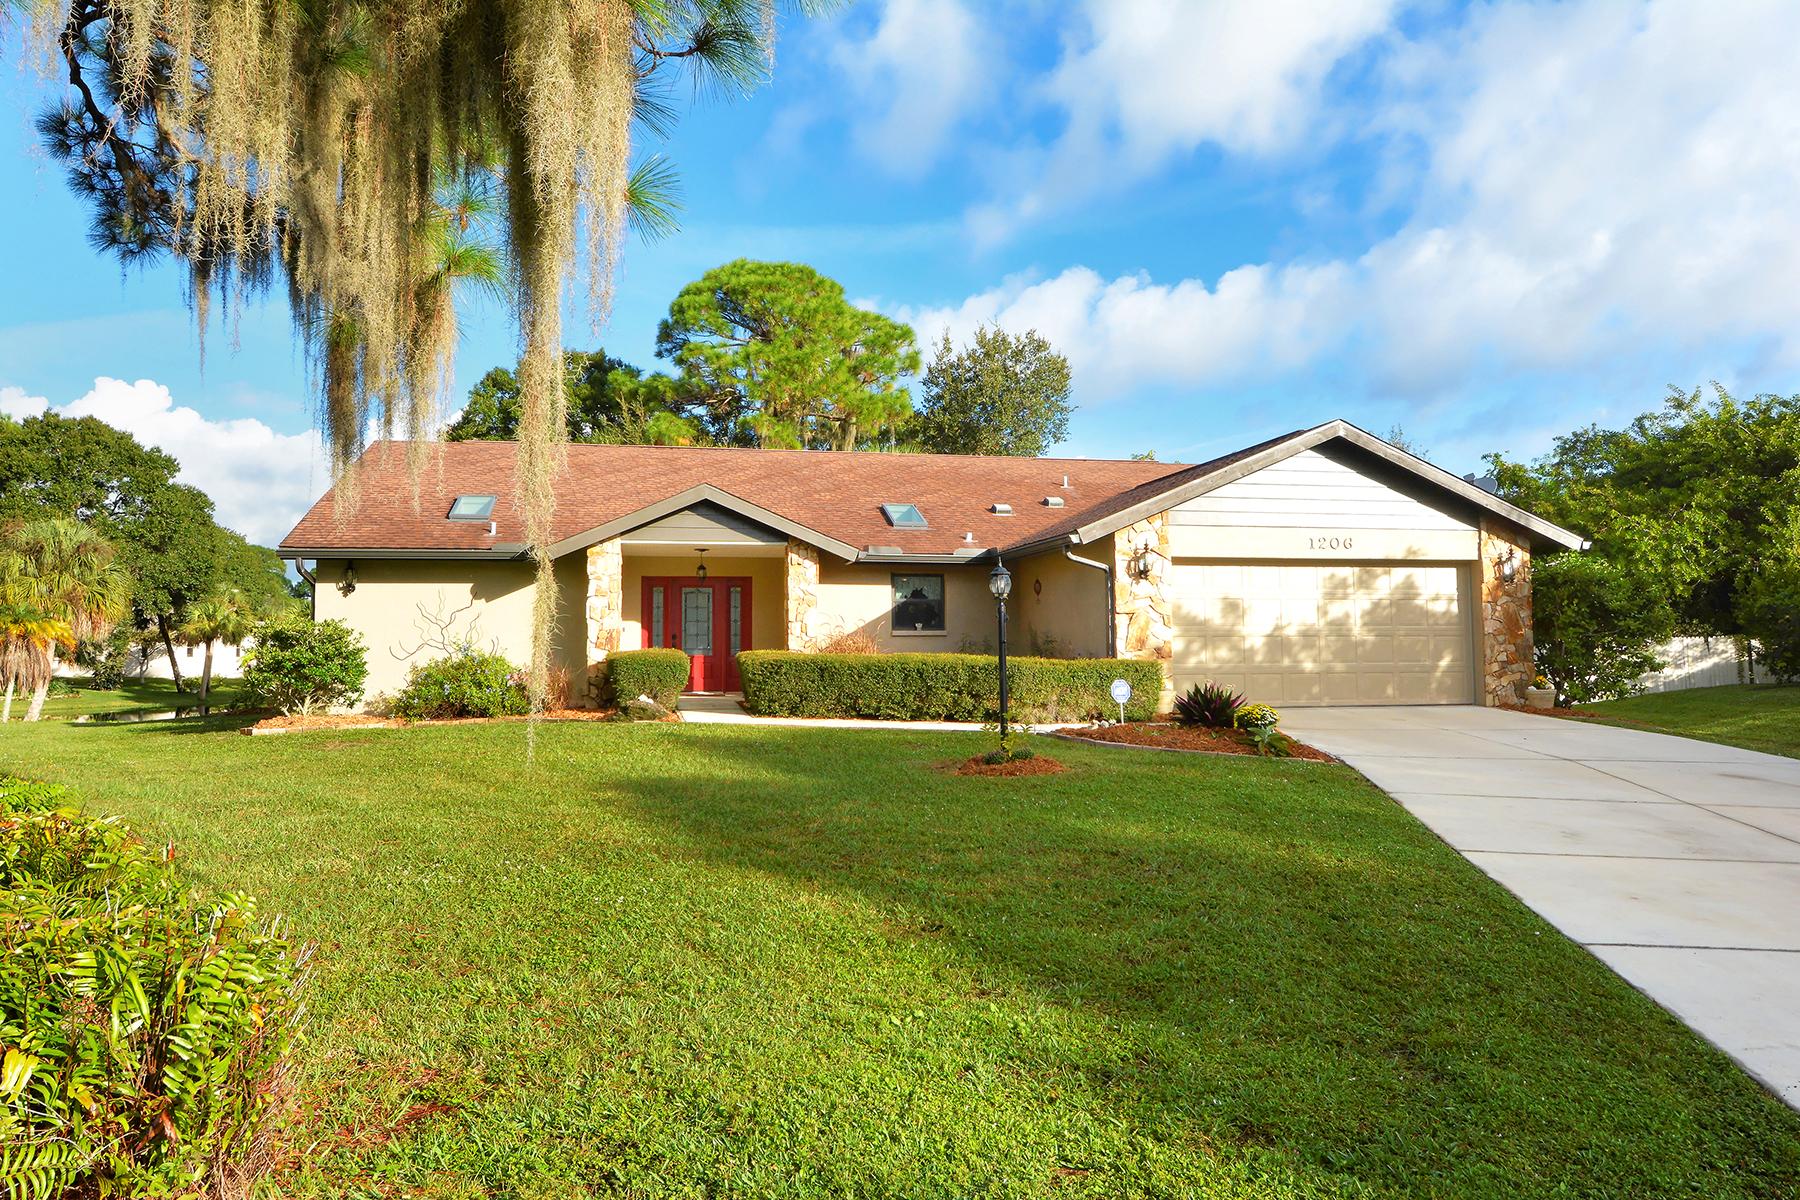 Nhà ở một gia đình vì Bán tại LAUREL PINES 1206 Laurel Pines Cir Nokomis, Florida 34275 Hoa Kỳ